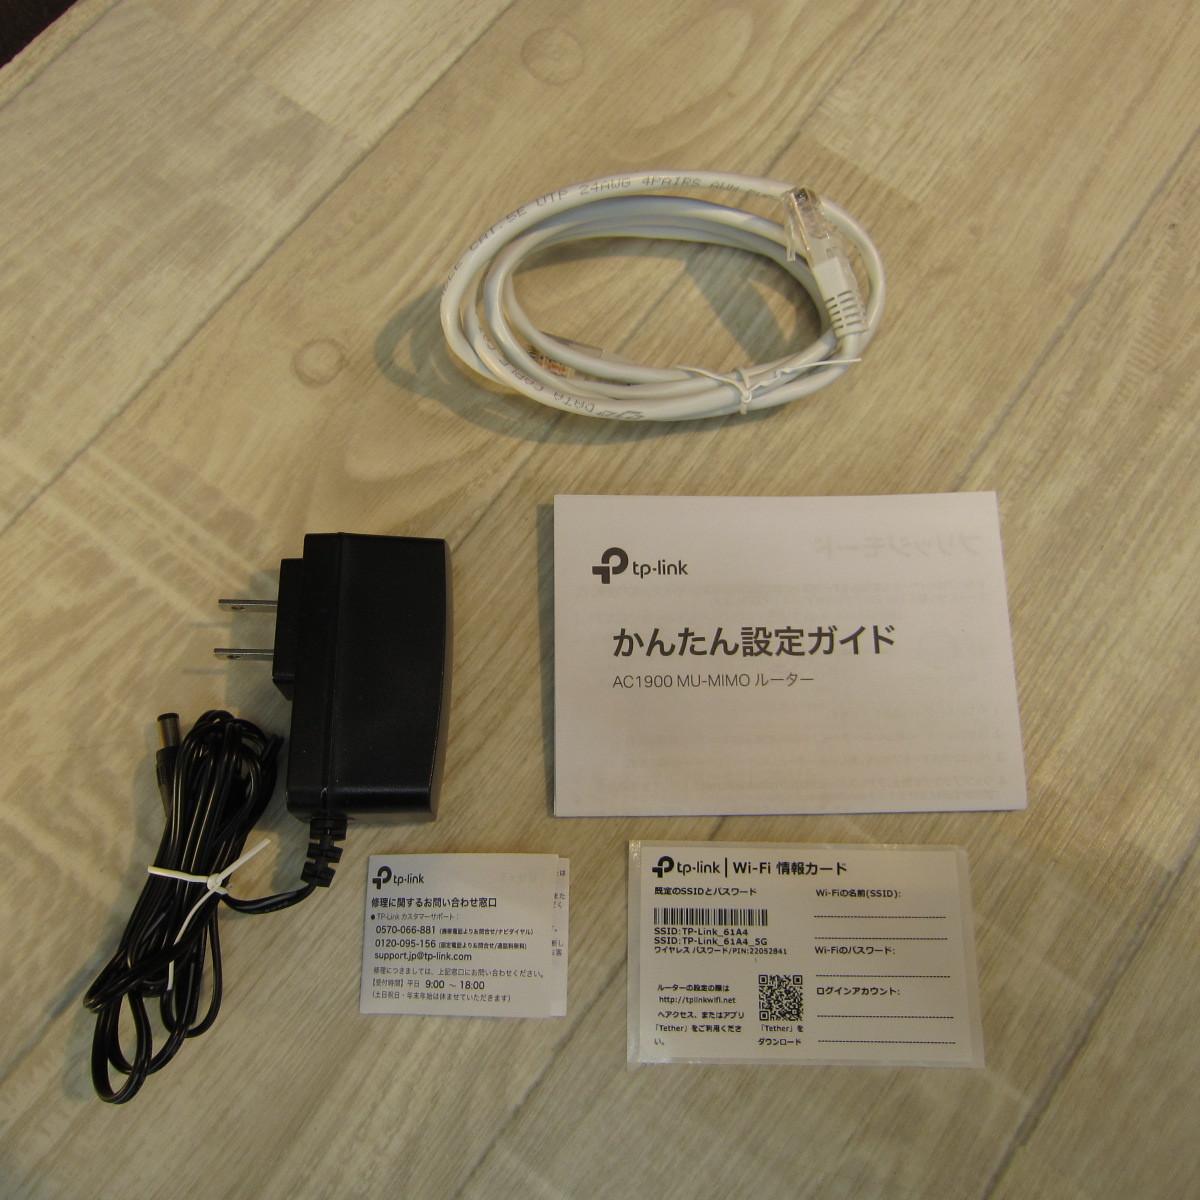 B6211【美品】TP-Link WiFi 無線LAN ルーター 1900AC規格 1300+600Mbps MU-MIMO ビームフォーミング iphone SE 対応 Archer C80/A